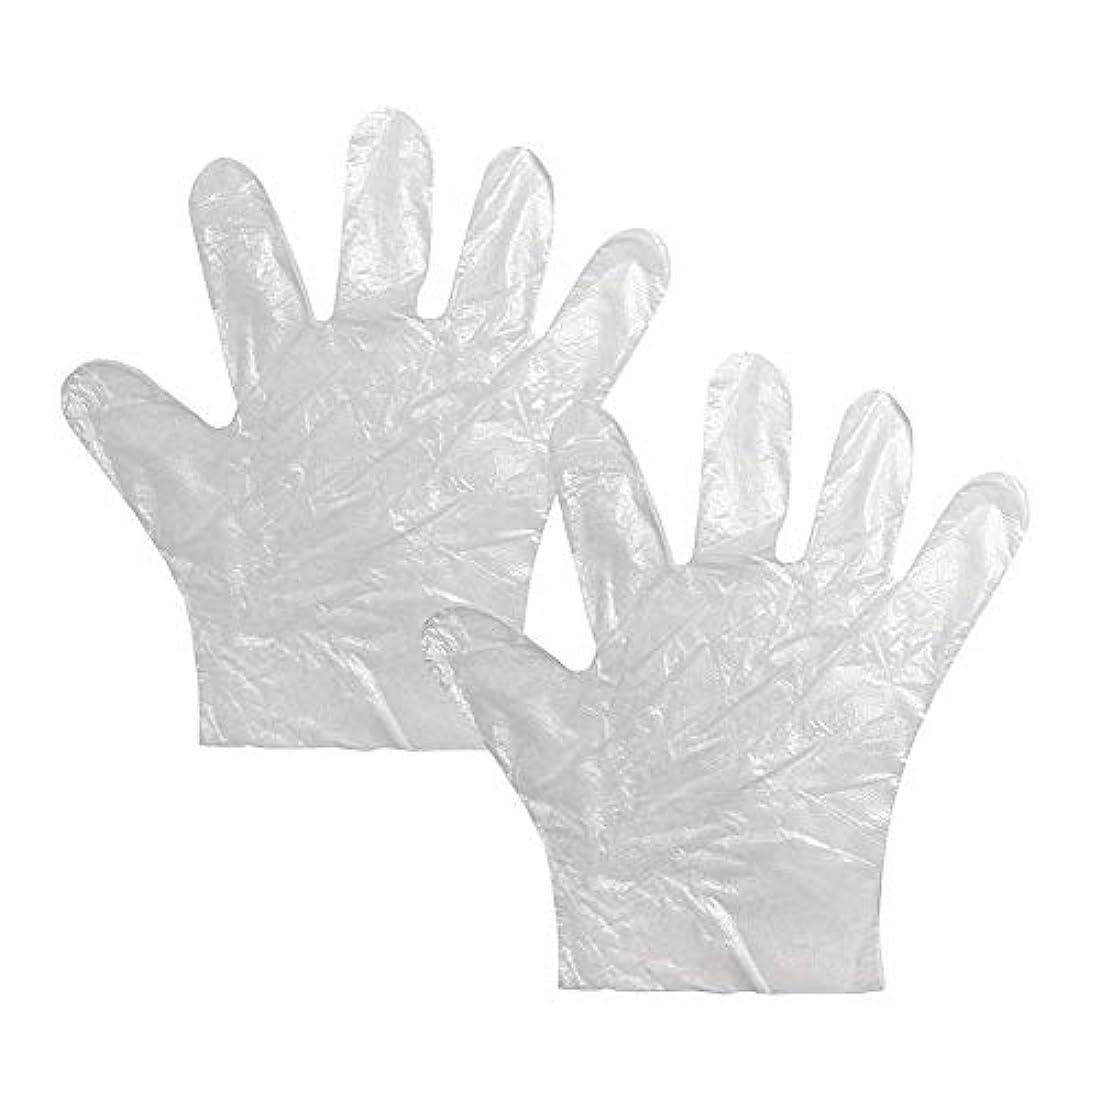 言い直す鹿冷酷な使い捨て手袋 極薄ビニール手袋 ポリエチレン 透明 実用 衛生 100枚*2セット